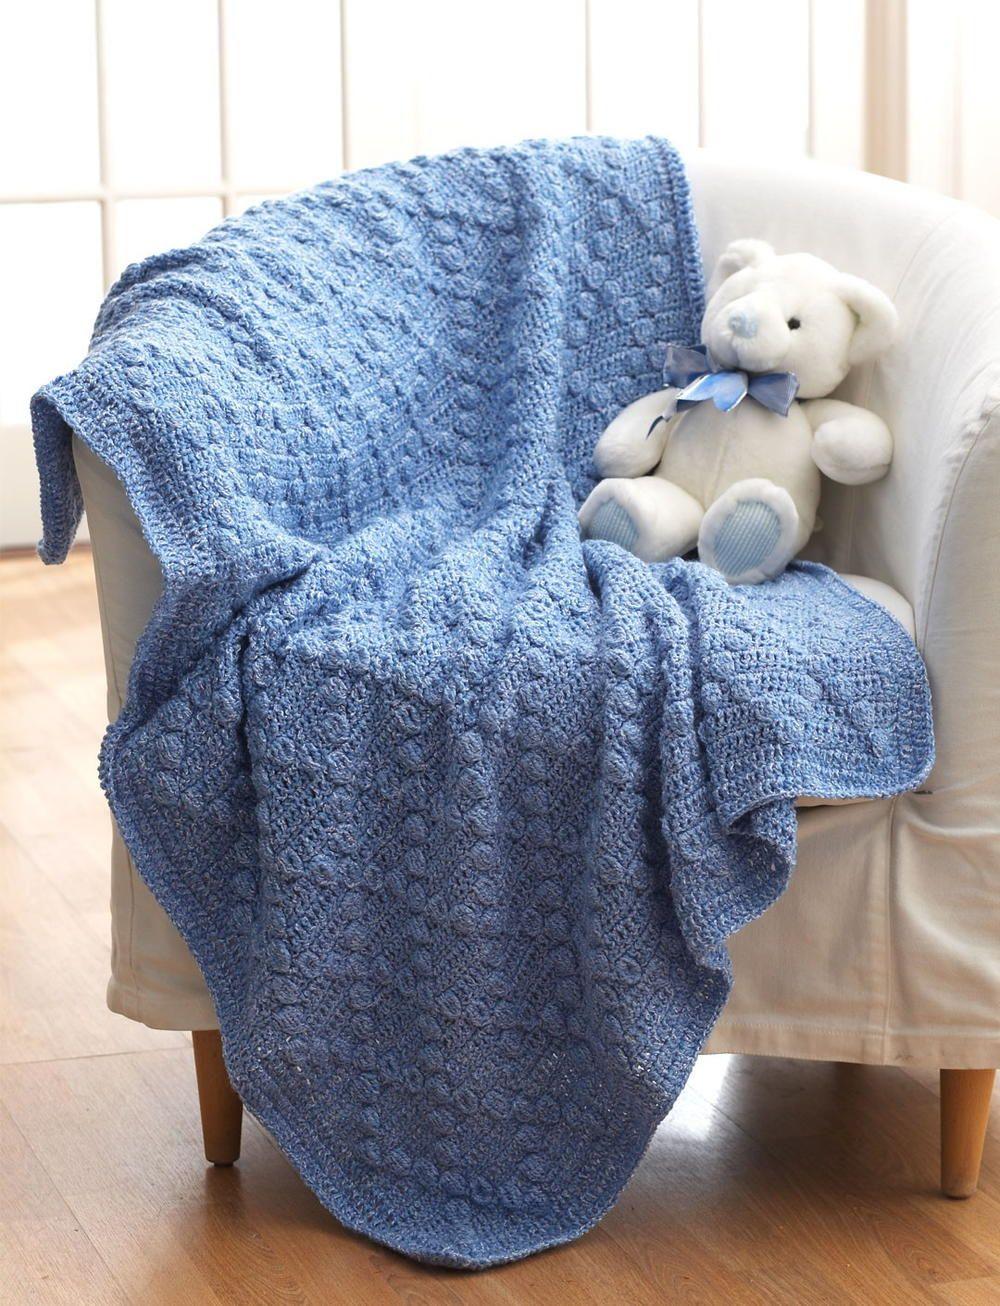 Bumpy Baby Blanket | Kinder nähen, Stricken häkeln und Stricken